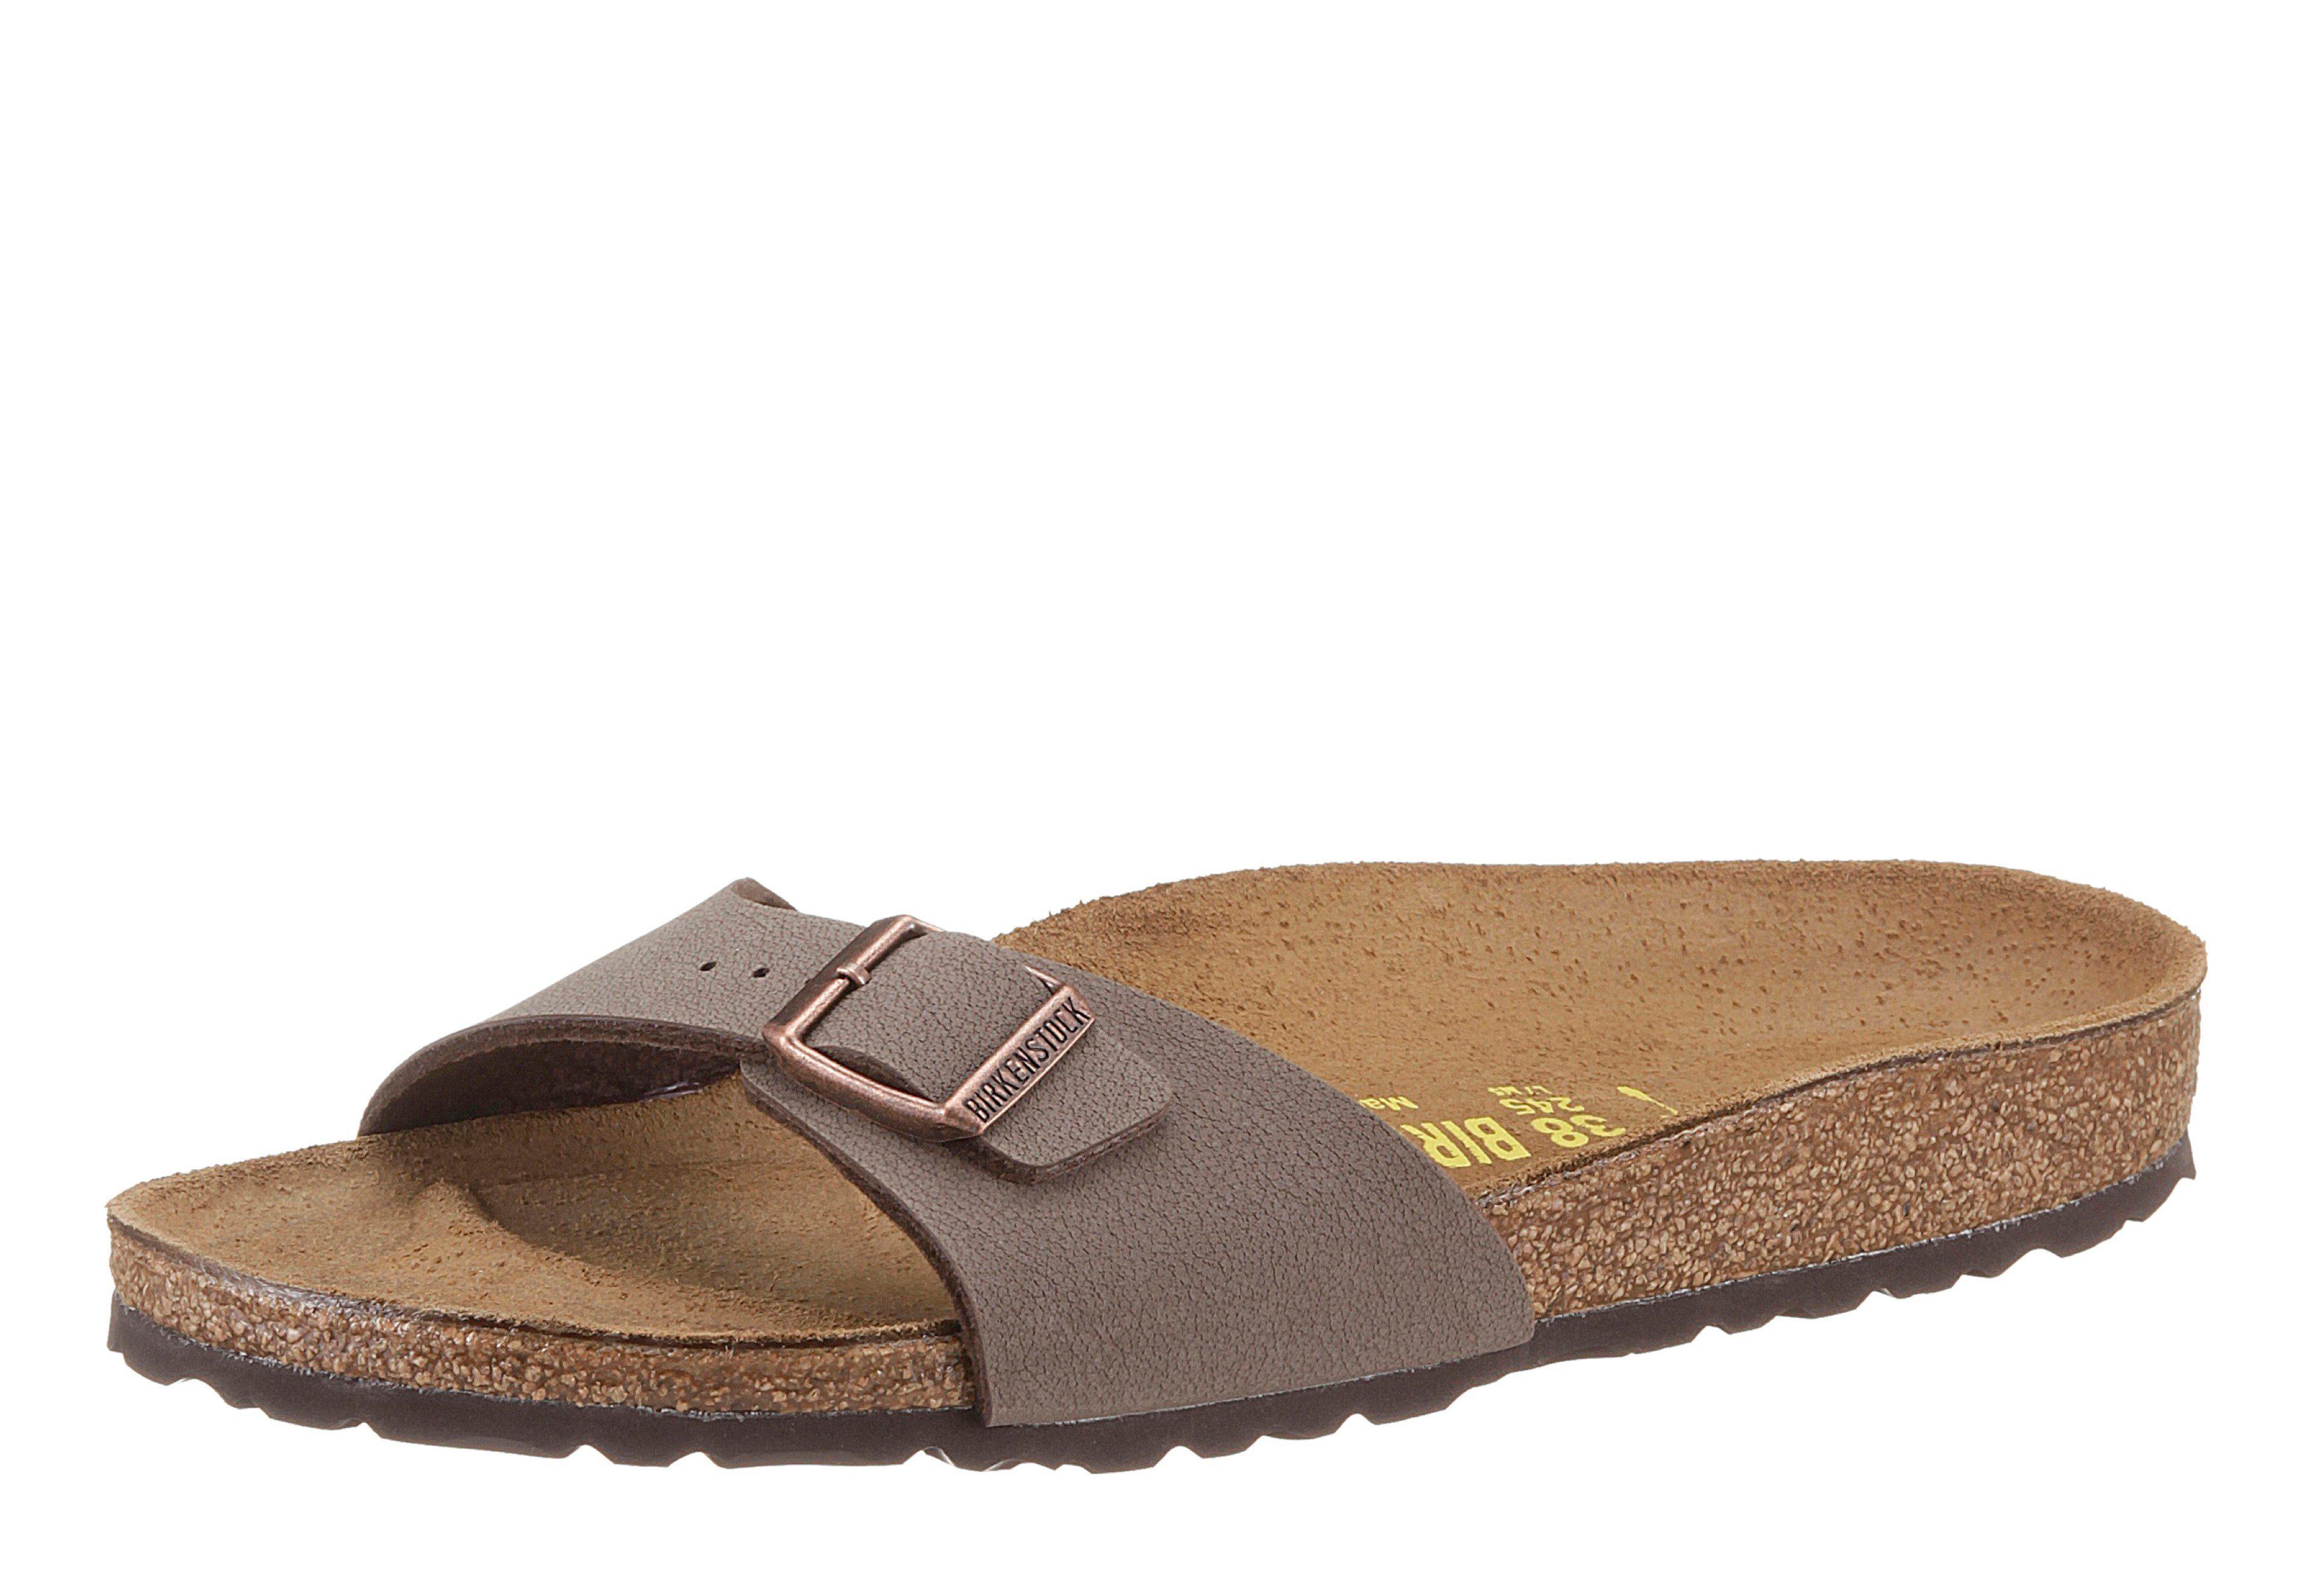 Brun Avec Boucle Chaussures Birkenstock Pour Les Hommes HjYyFZVF